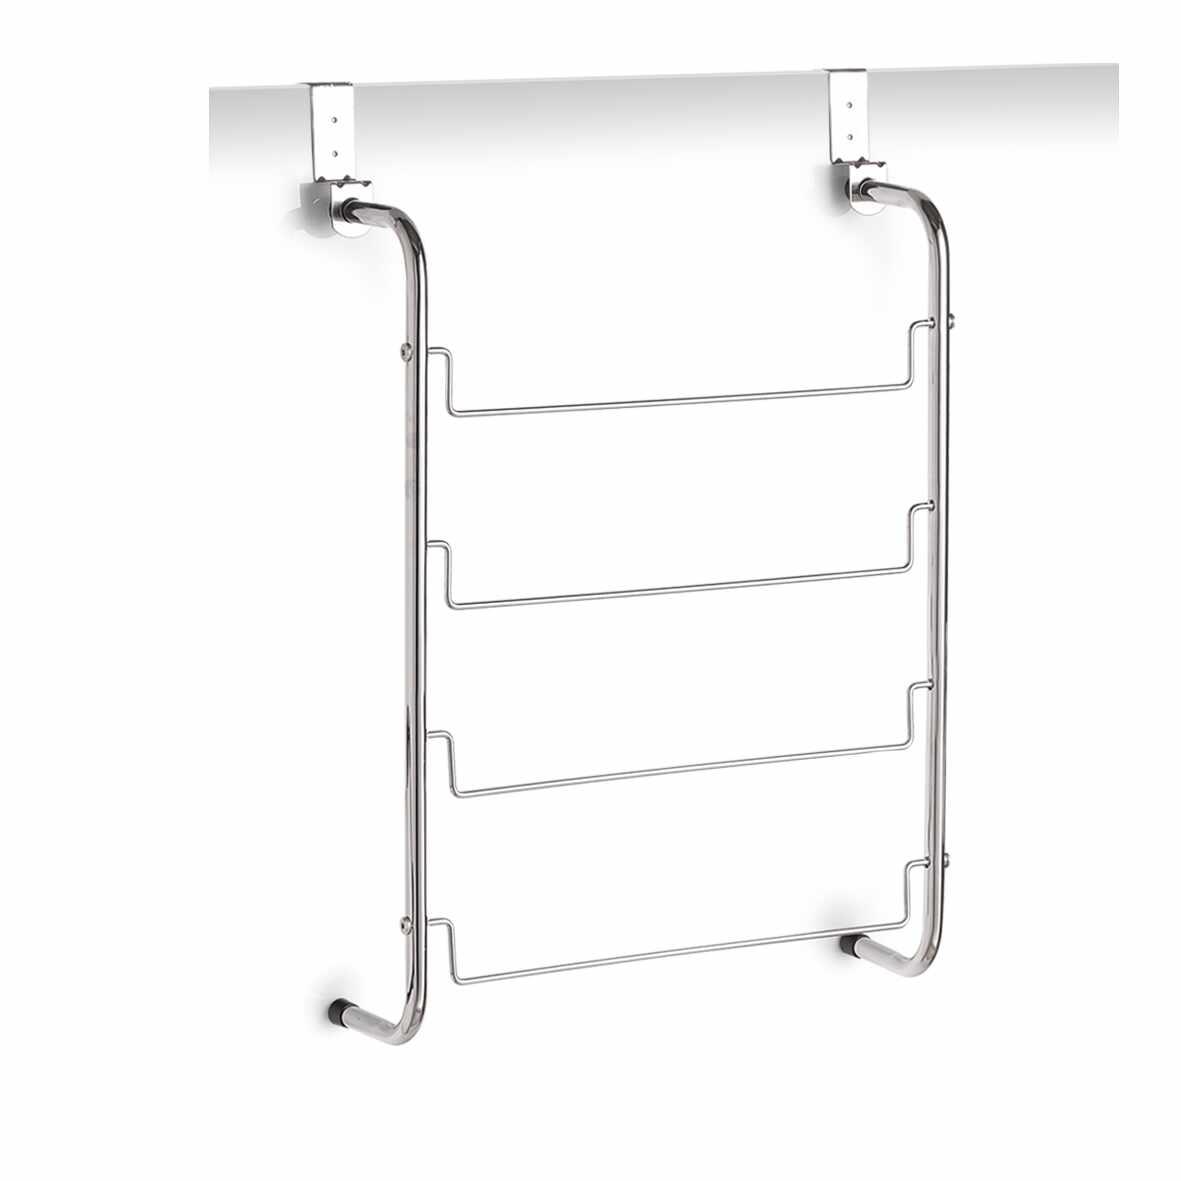 Suport de usa pentru prosoape, Metal cromat, l44xA12,5xH66,5 cm la pret 85 lei